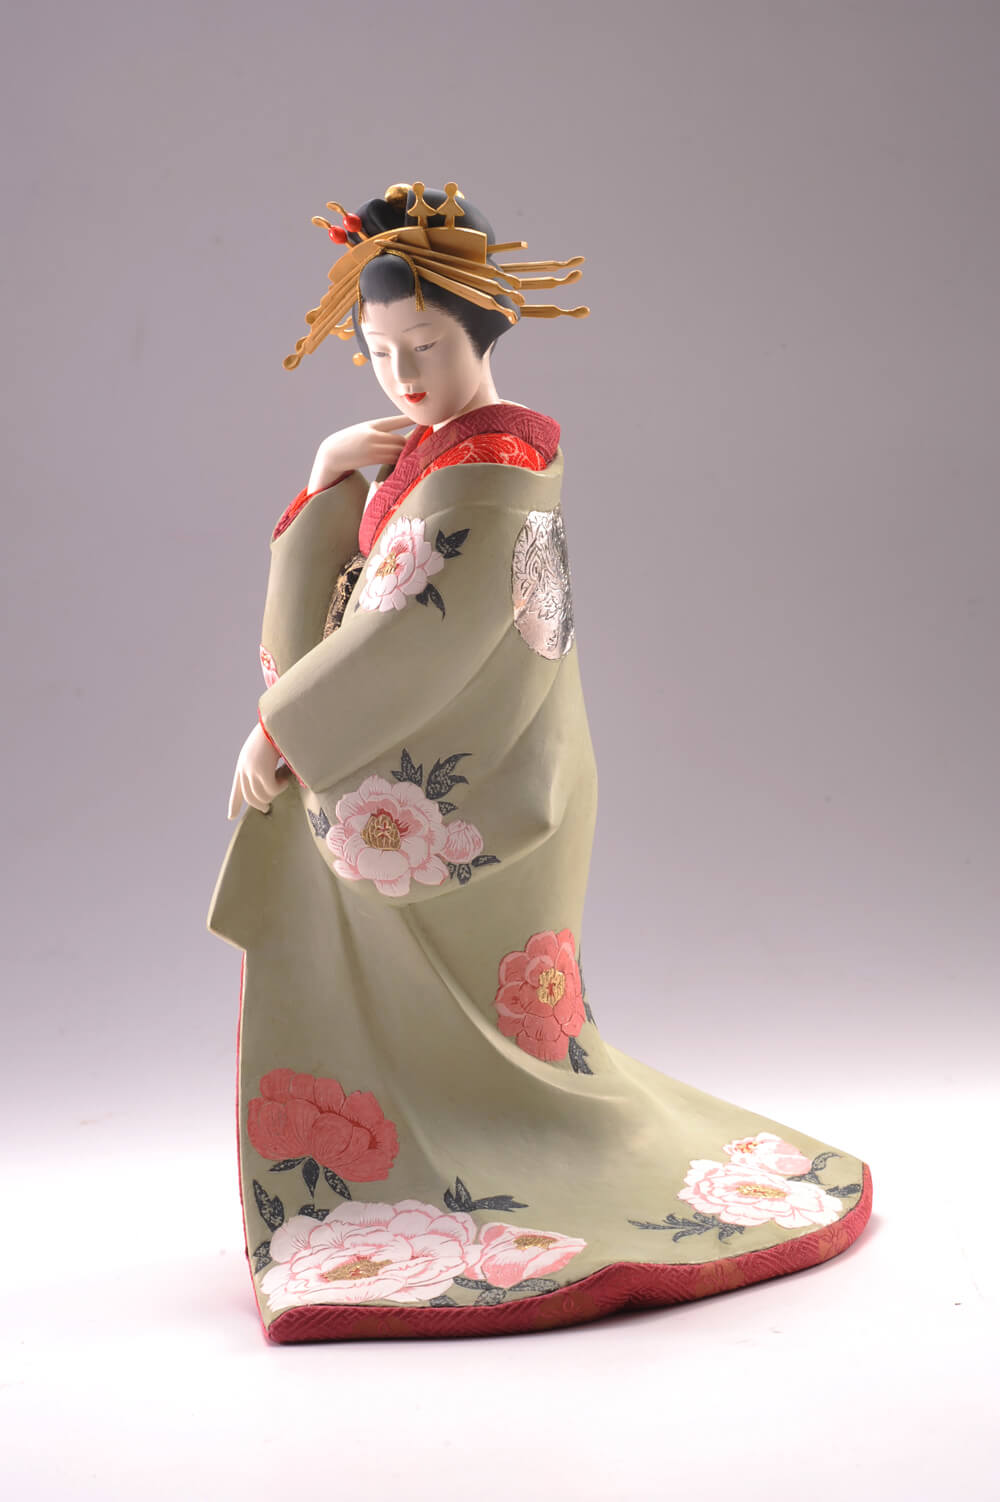 2012年11月9日から開催の「日本工芸の華 双璧 鈴木 藏・芹川 英子 展」の芹川作品5